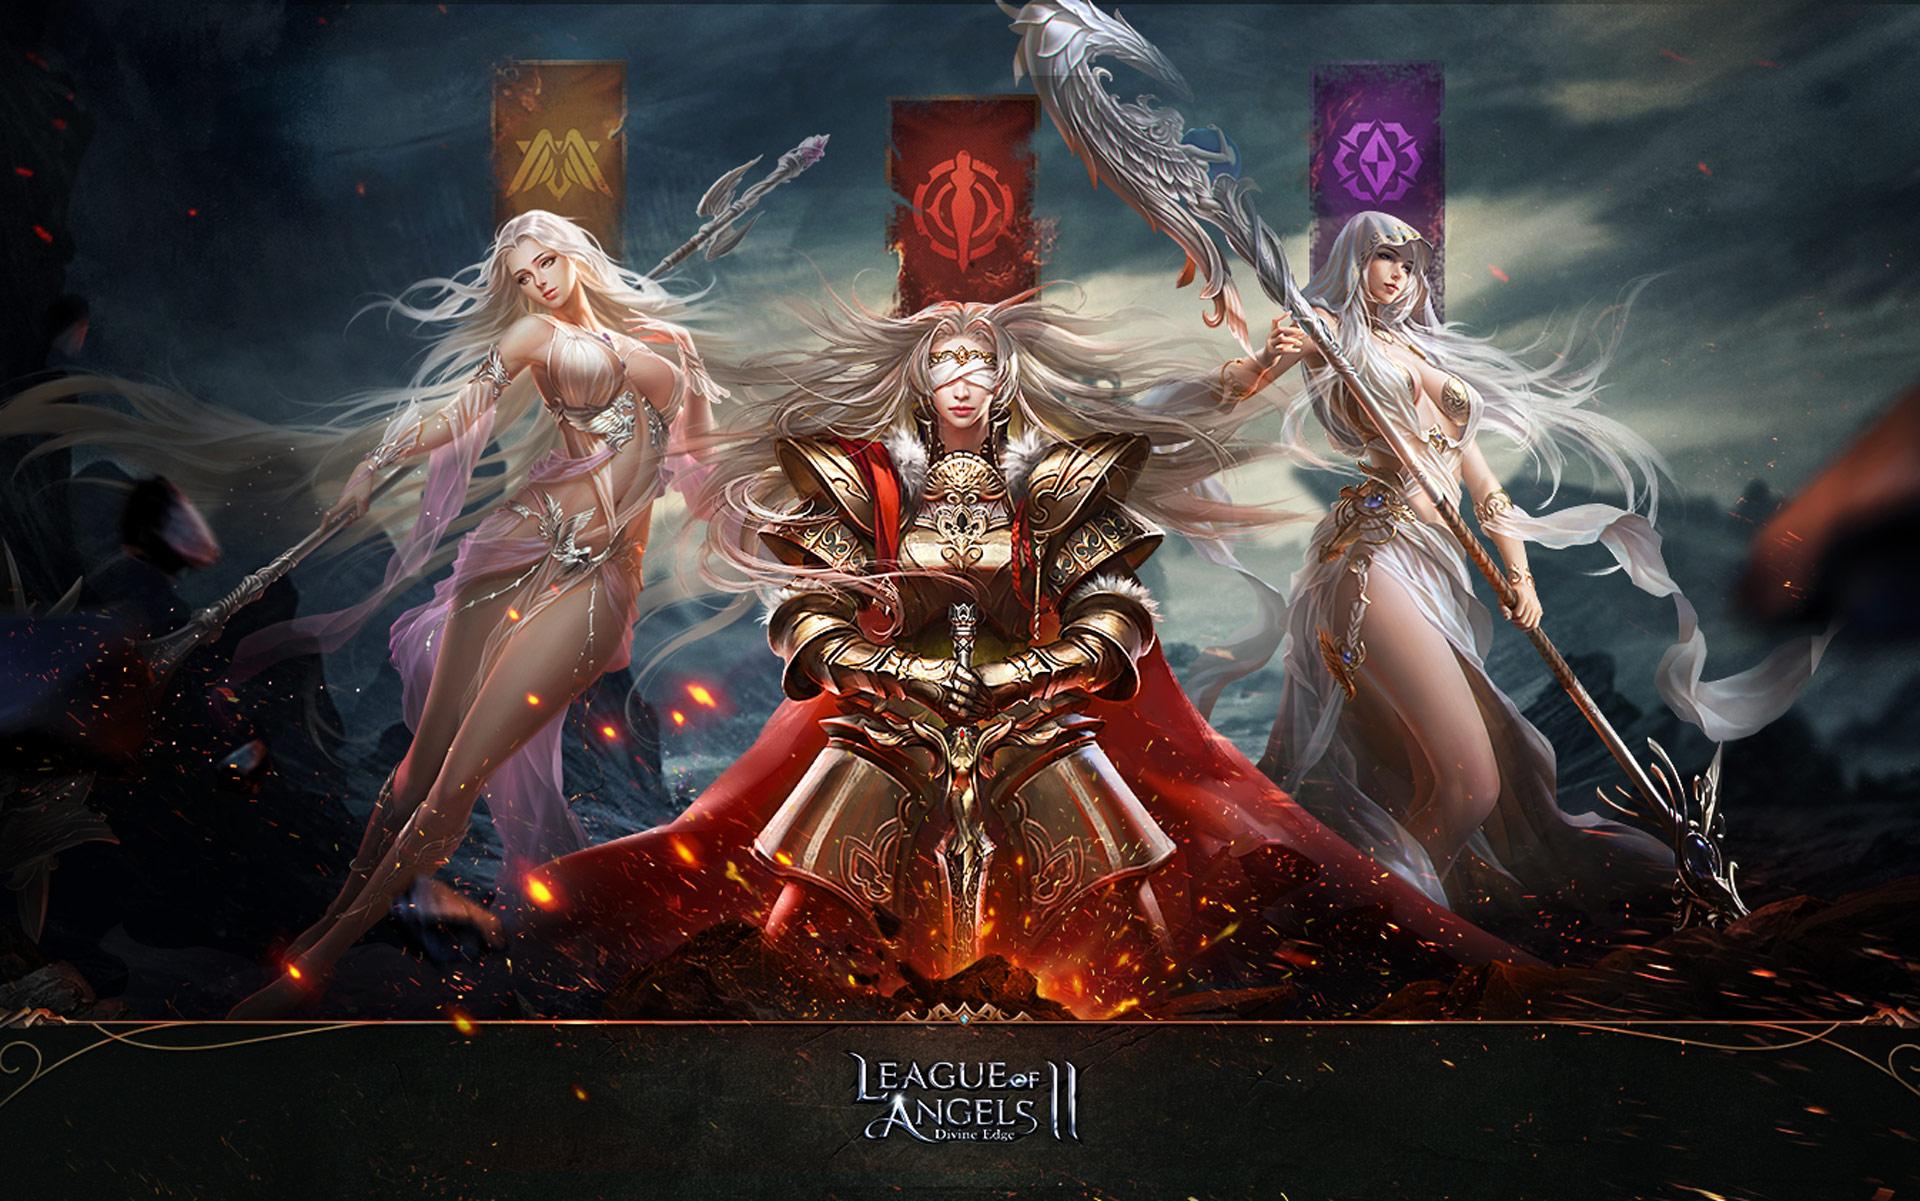 Wallpapers De League Of Angels 2